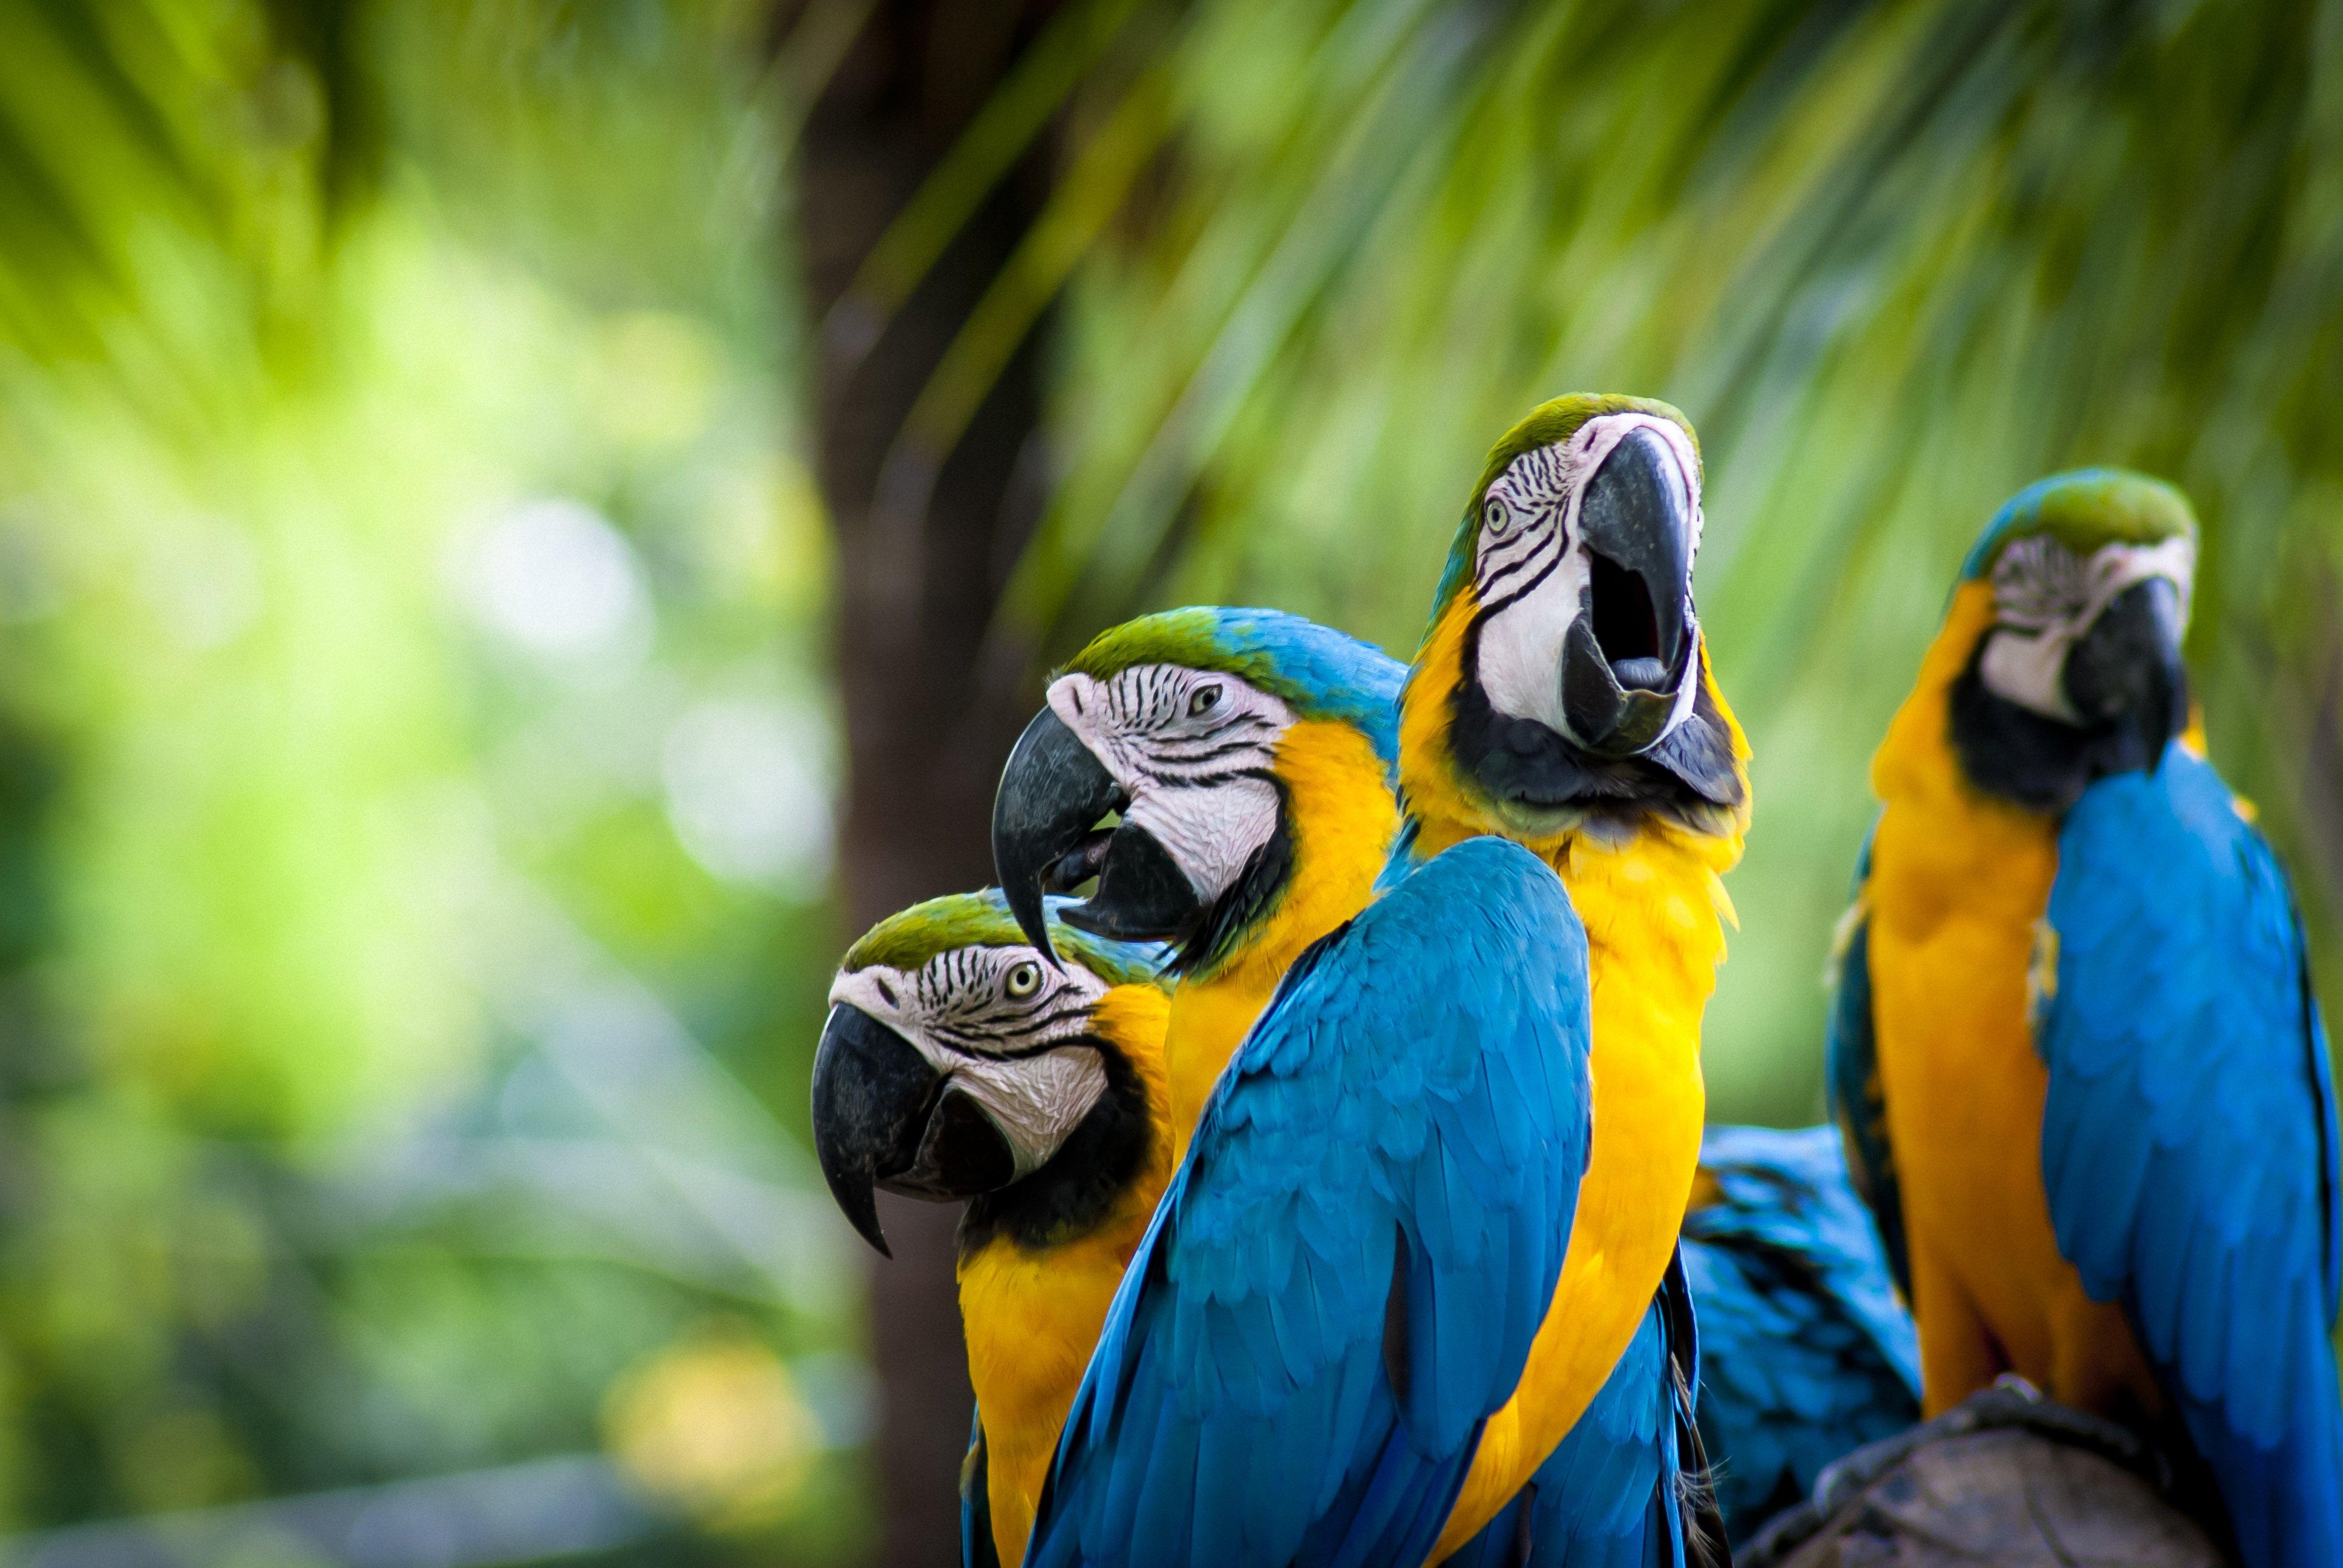 macaw parrot bird tropical (68) wallpaper | 3872x2592 | 362974